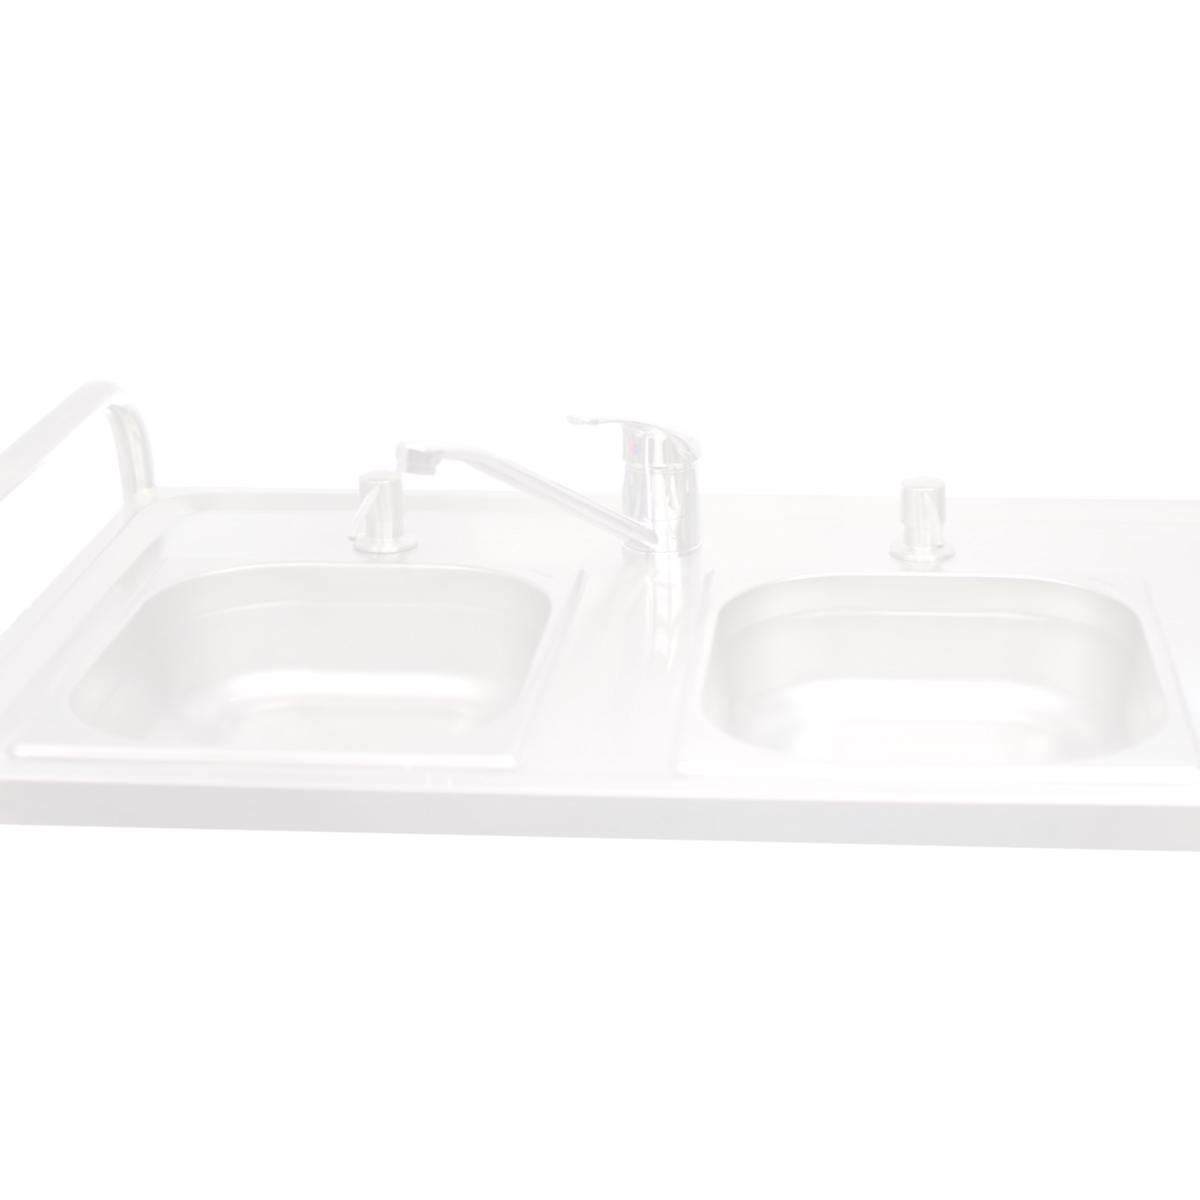 Handwaschbecken für Grillstand